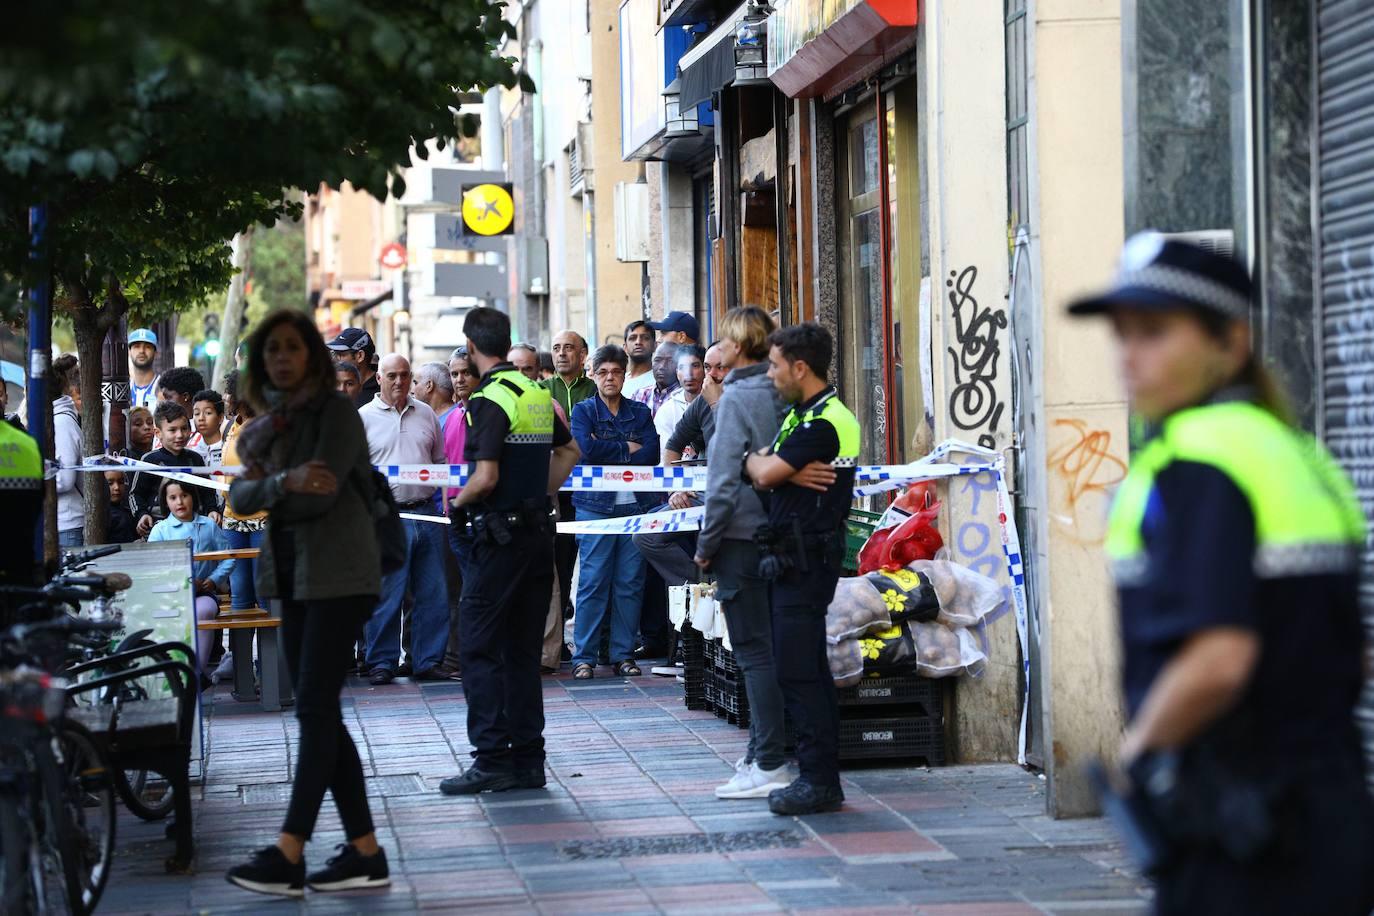 Roba un paquete de salchichas de 2 euros en un súper de Vitoria y agrede al vigilante